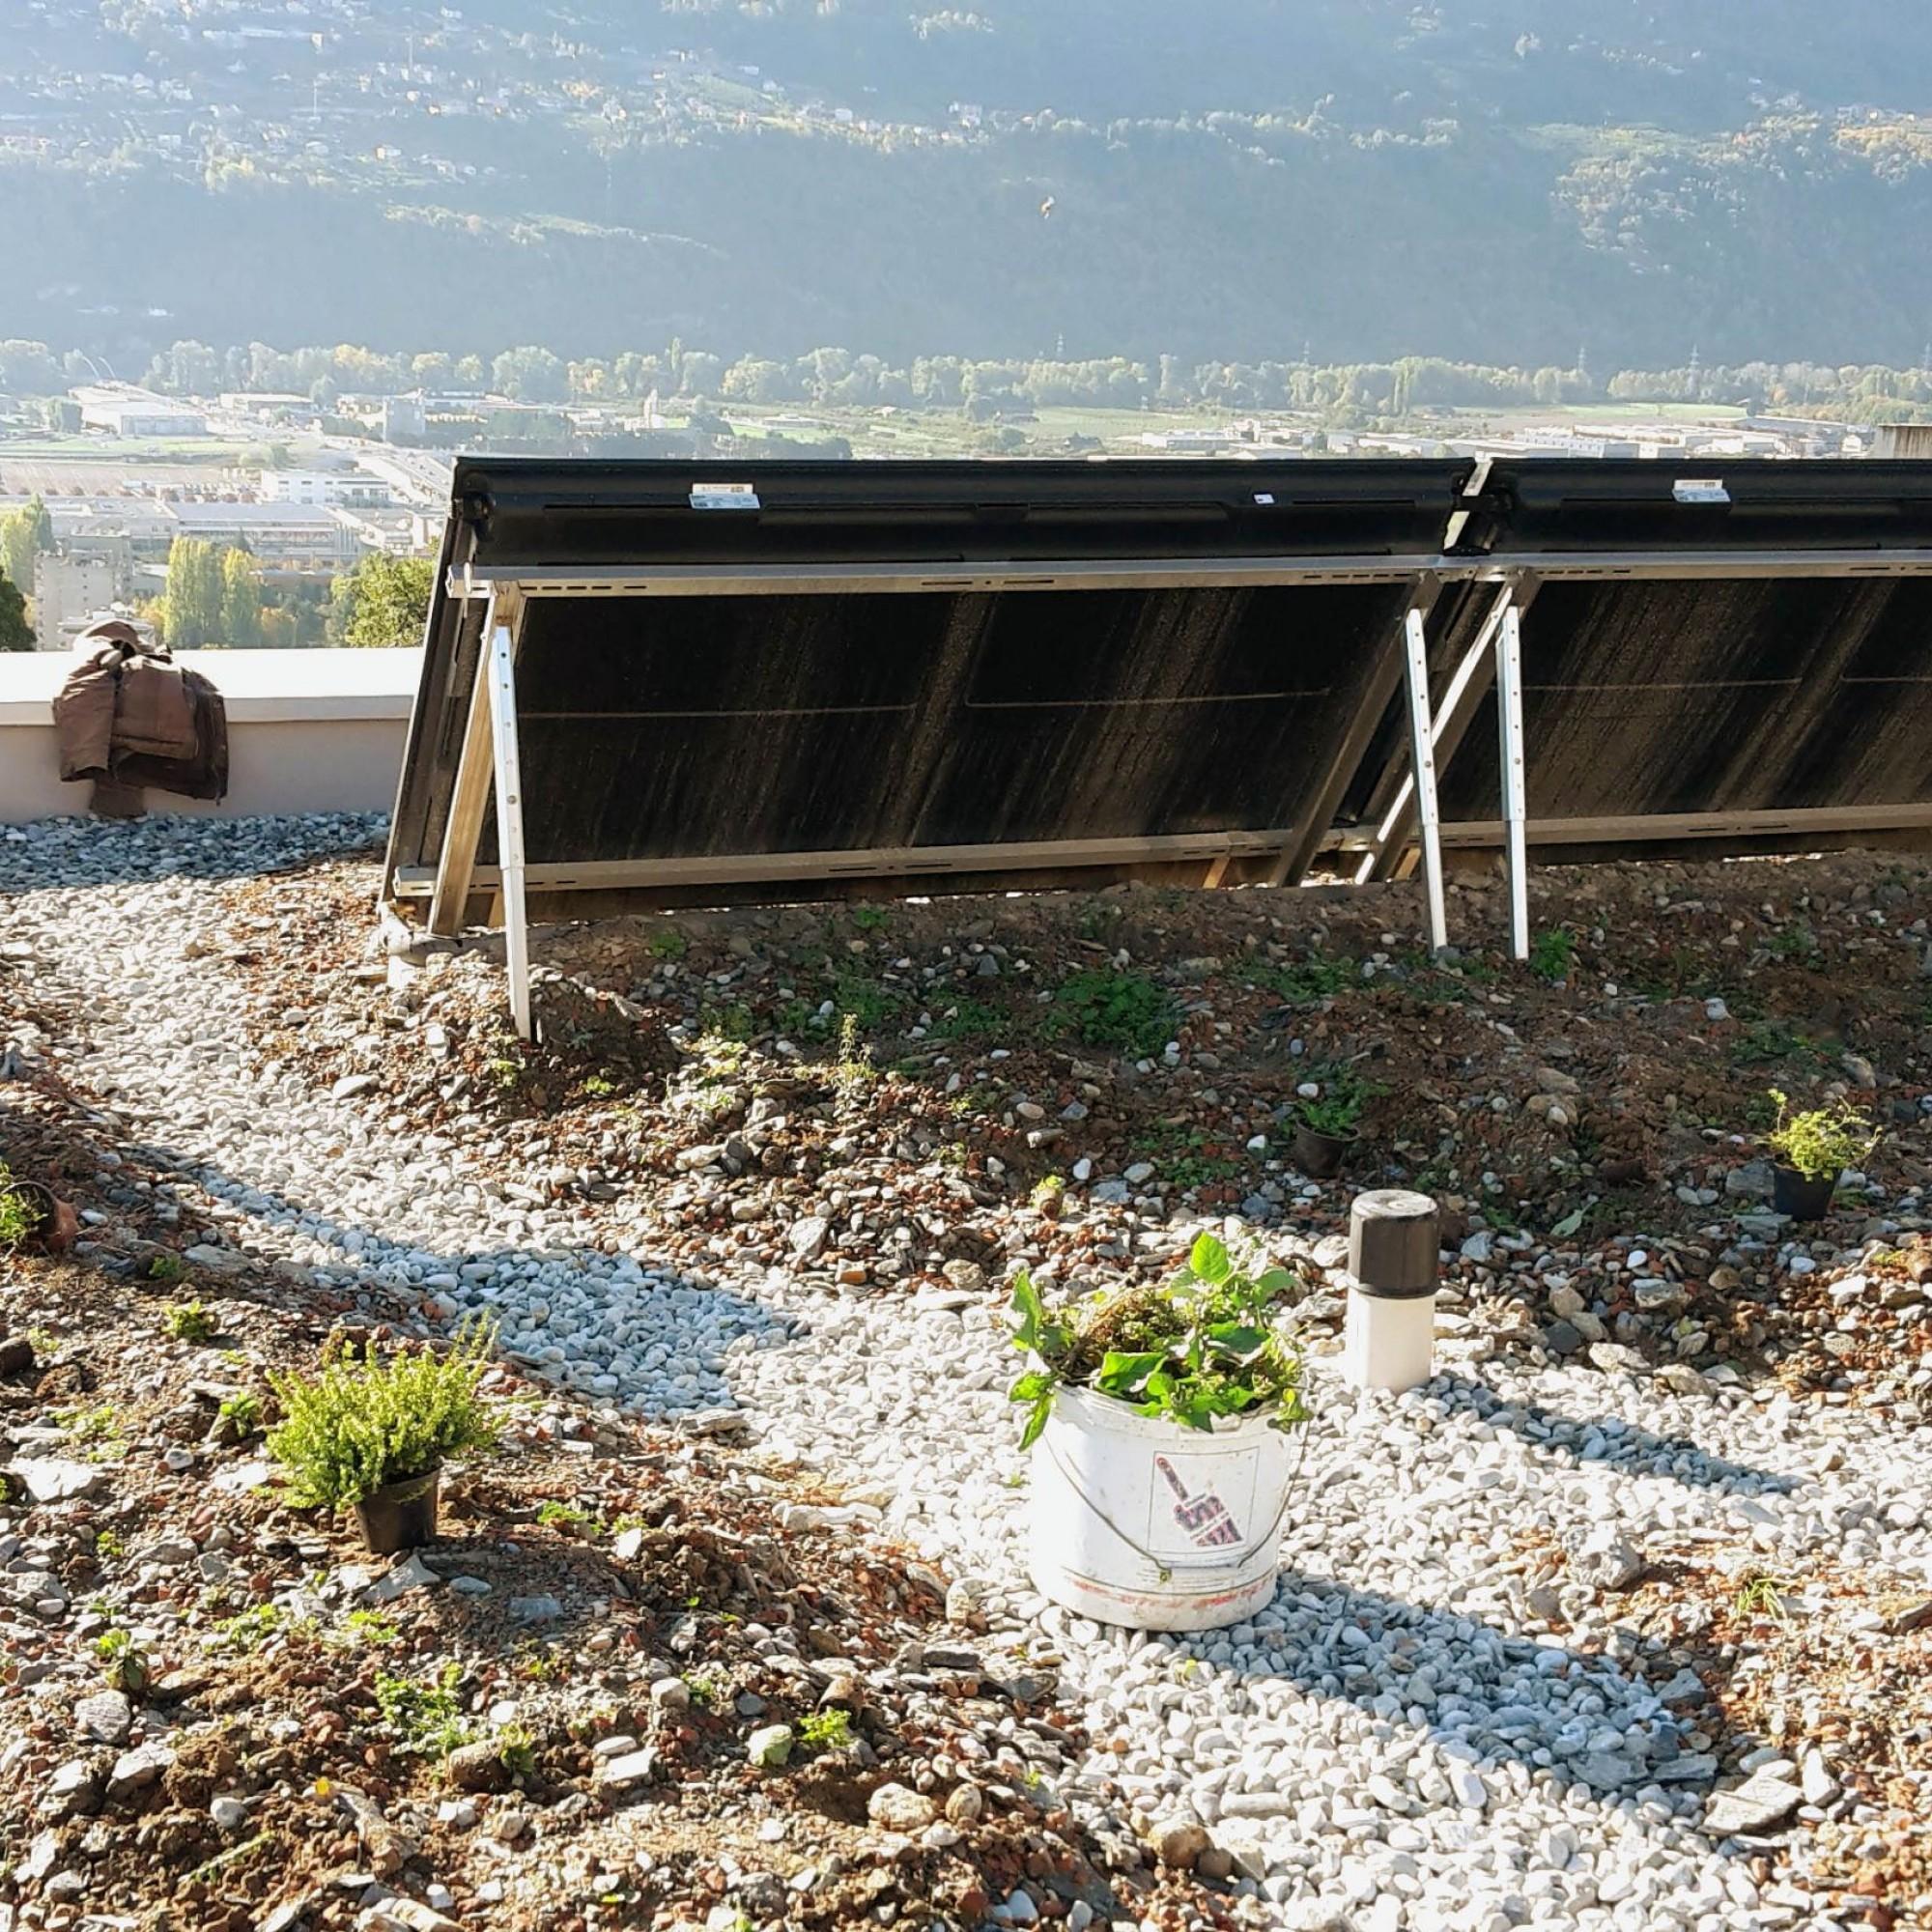 Pendant une journée ensoleillée, un toit foncé atteint 80 degrés contre 29 degrés sur une toiture végétalisée.